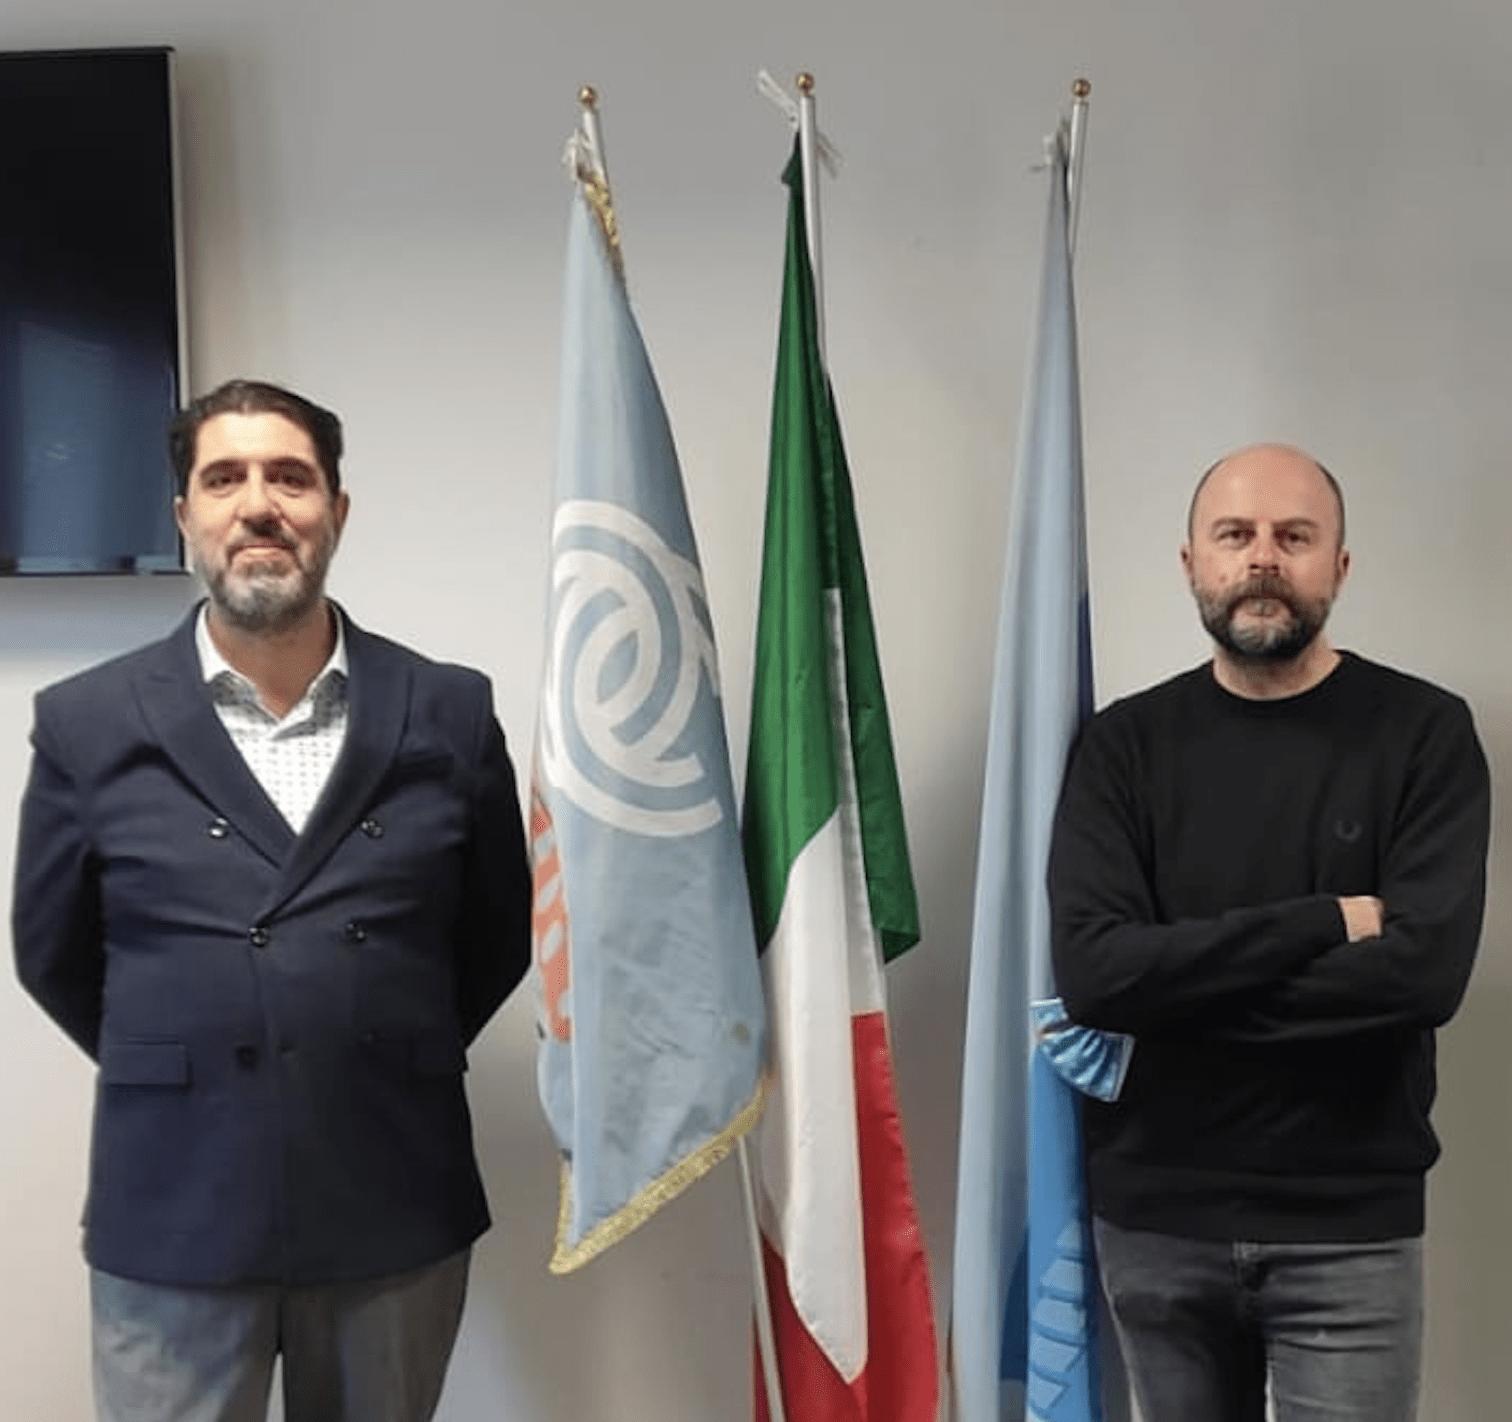 Gara USL Umbria 2: dopo la sospensione riconsiderarla nel suo complesso